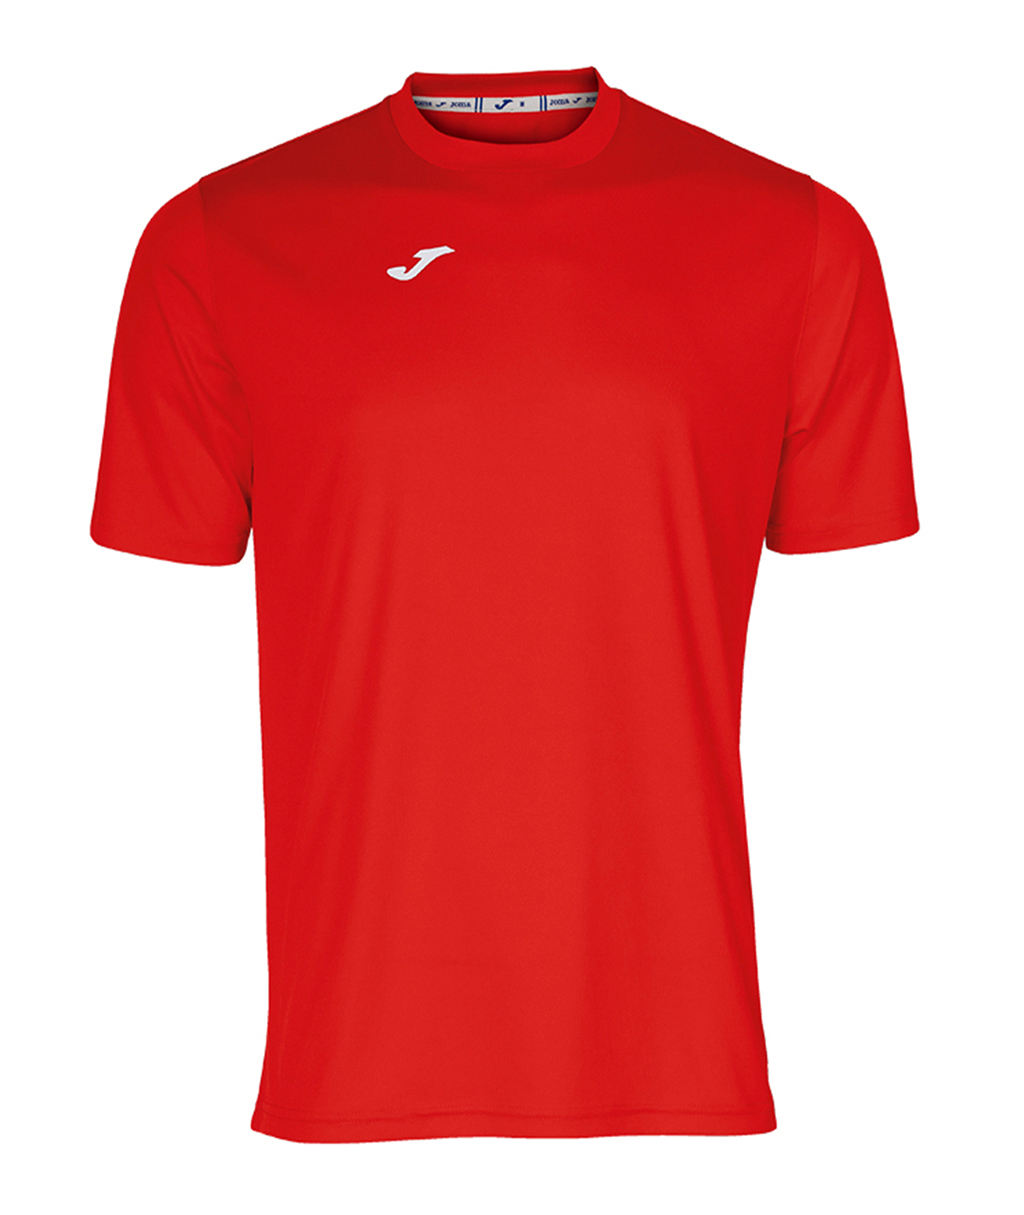 Купить красную футболку Joma Combi 100052.600 в интернет-магазине